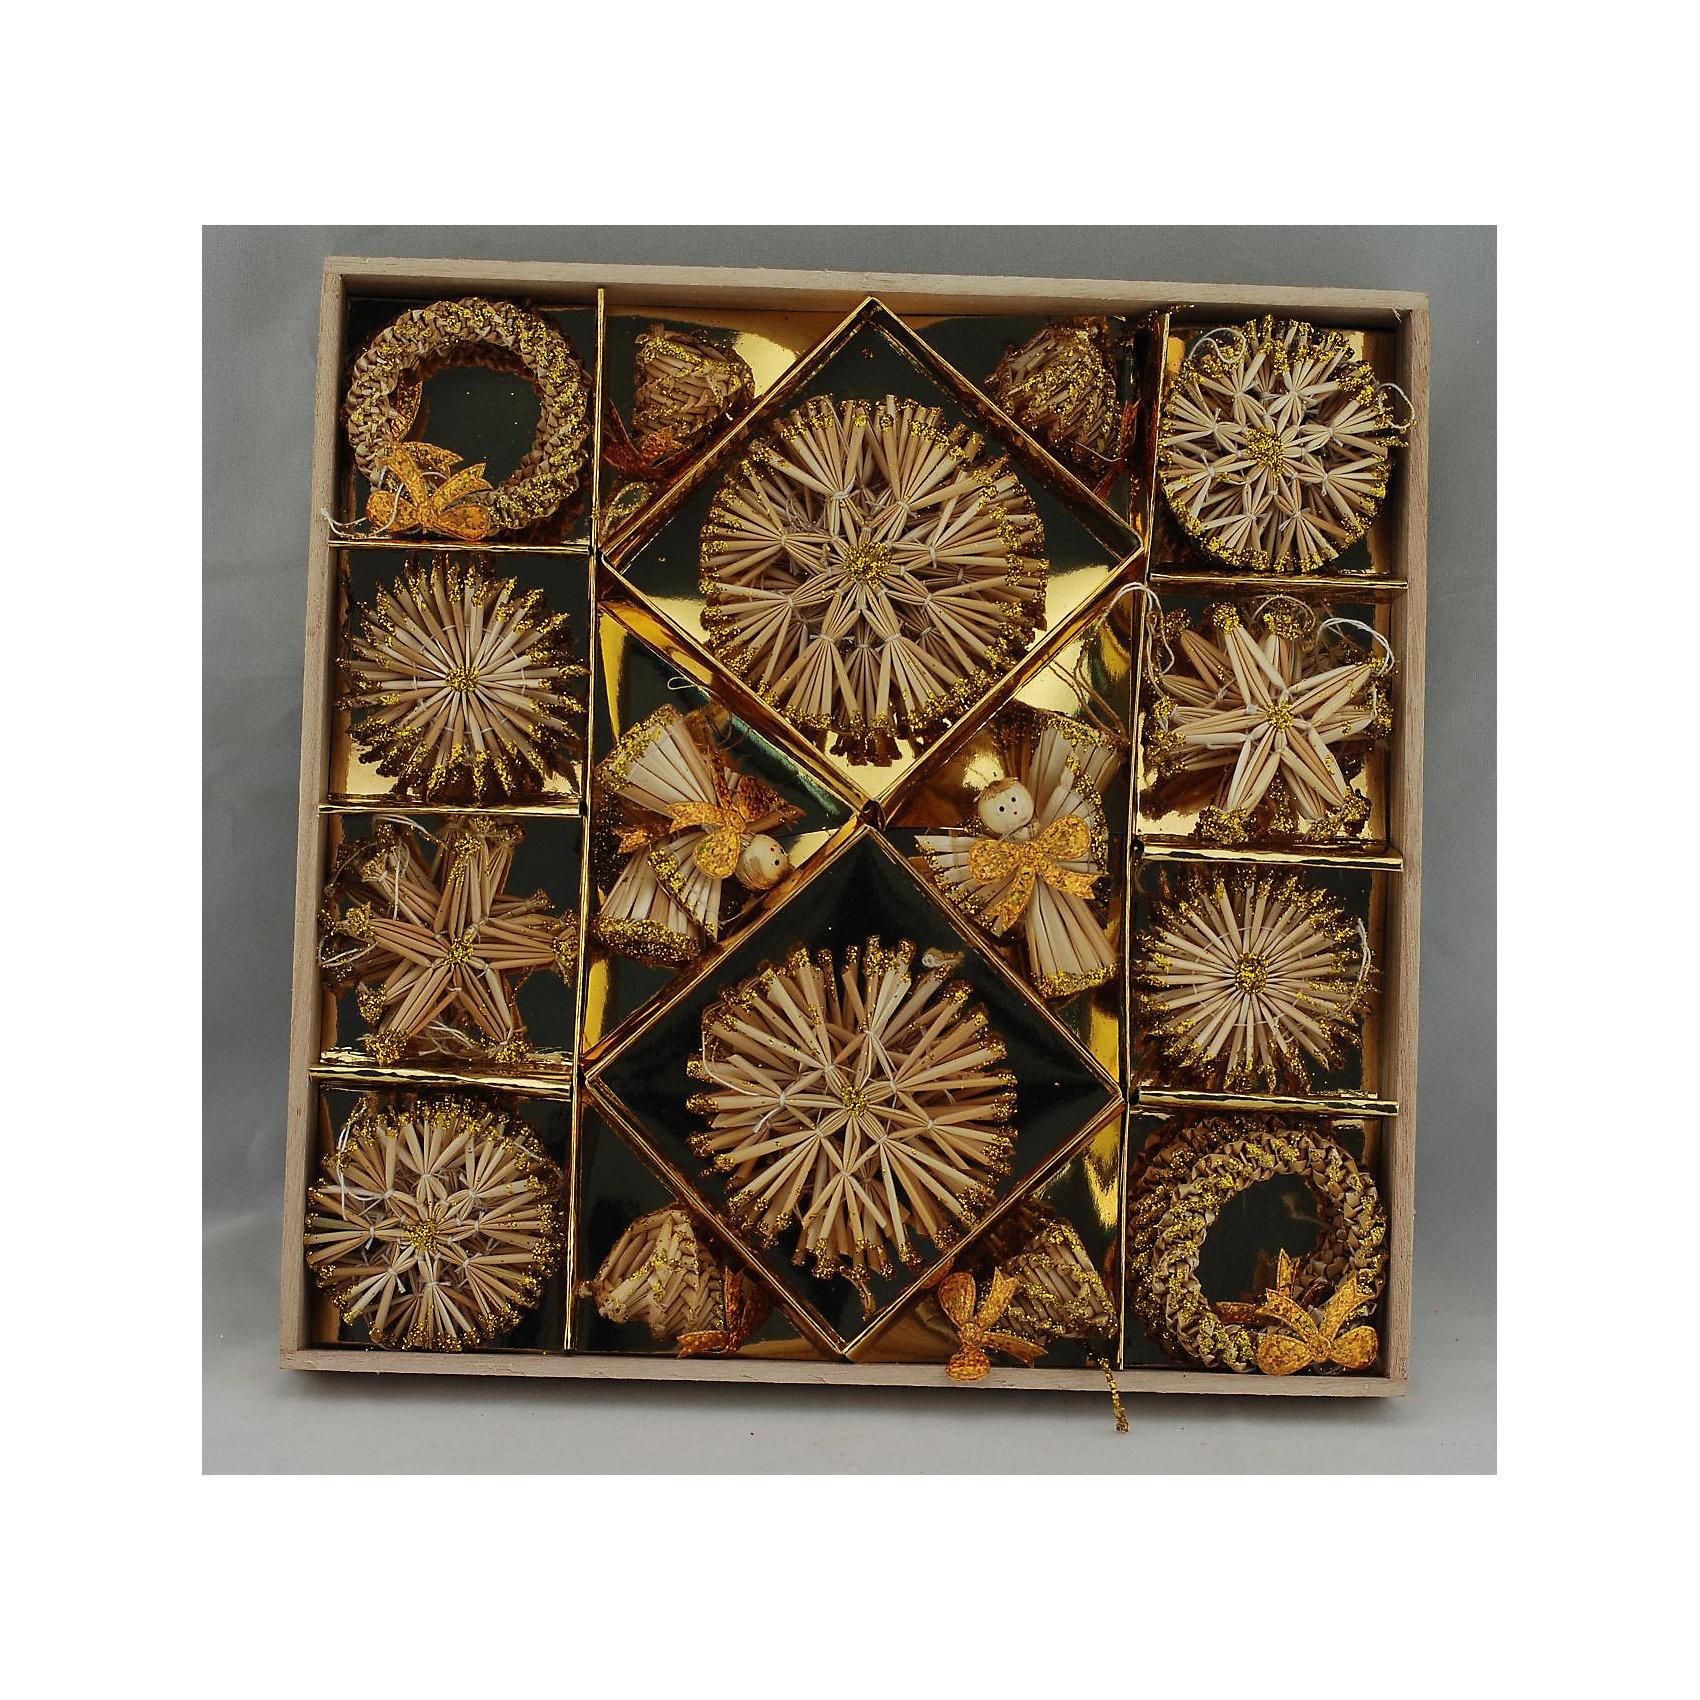 Украшение Звезды и снежинкиУкрашение Звезды и снежинки – это декоративное новогоднее украшение принесет ни с чем несравнимое ощущение волшебства!<br>Оригинальный новогодний набор «Звездочки и снежинки» прекрасно подойдет для декора дома, офиса и праздничной елки. Набор состоит из 48 подвесных украшений, выполненных из натуральной соломы в виде снежинок, звездочек, ангелов, колокольчиков и колец. Изделия покрыты лаком и оформлены глиттером (золотистыми блестками). Такие украшения легки и удобны для оформления новогоднего интерьера, они не разобьются и прослужат долго. Оригинальный дизайн и красочное исполнение создадут праздничное настроение. С помощью специальных петелек украшения можно повесить в любом понравившемся вам месте. Новогодние украшения приносят волшебство и ощущение праздника и создают атмосферу тепла, веселья и радости.<br><br>Дополнительная информация:<br><br>- В наборе: 48 шт.<br>- Размер: 6-8 см.<br>- Материал: солома<br>- Цвет: бежевый<br>- Размер упаковки: 27 х 27 х 3 см.<br><br>Украшение Звезды и снежинки можно купить в нашем интернет-магазине.<br><br>Ширина мм: 270<br>Глубина мм: 270<br>Высота мм: 30<br>Вес г: 302<br>Возраст от месяцев: 36<br>Возраст до месяцев: 2147483647<br>Пол: Унисекс<br>Возраст: Детский<br>SKU: 4276420